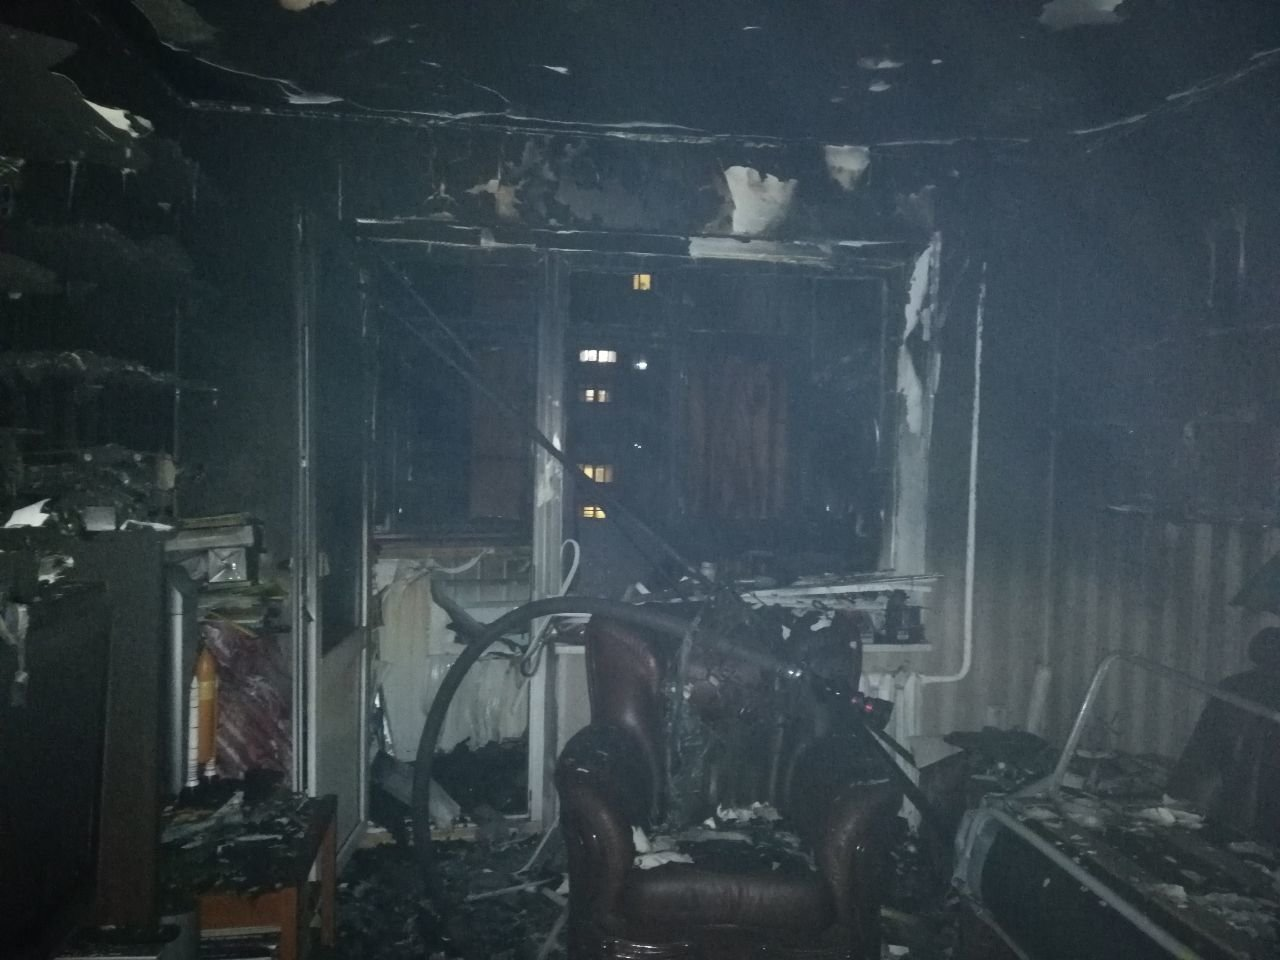 В новогоднюю ночь в Одессе горела квартира и эвакуировали людей, - ФОТО, фото-1